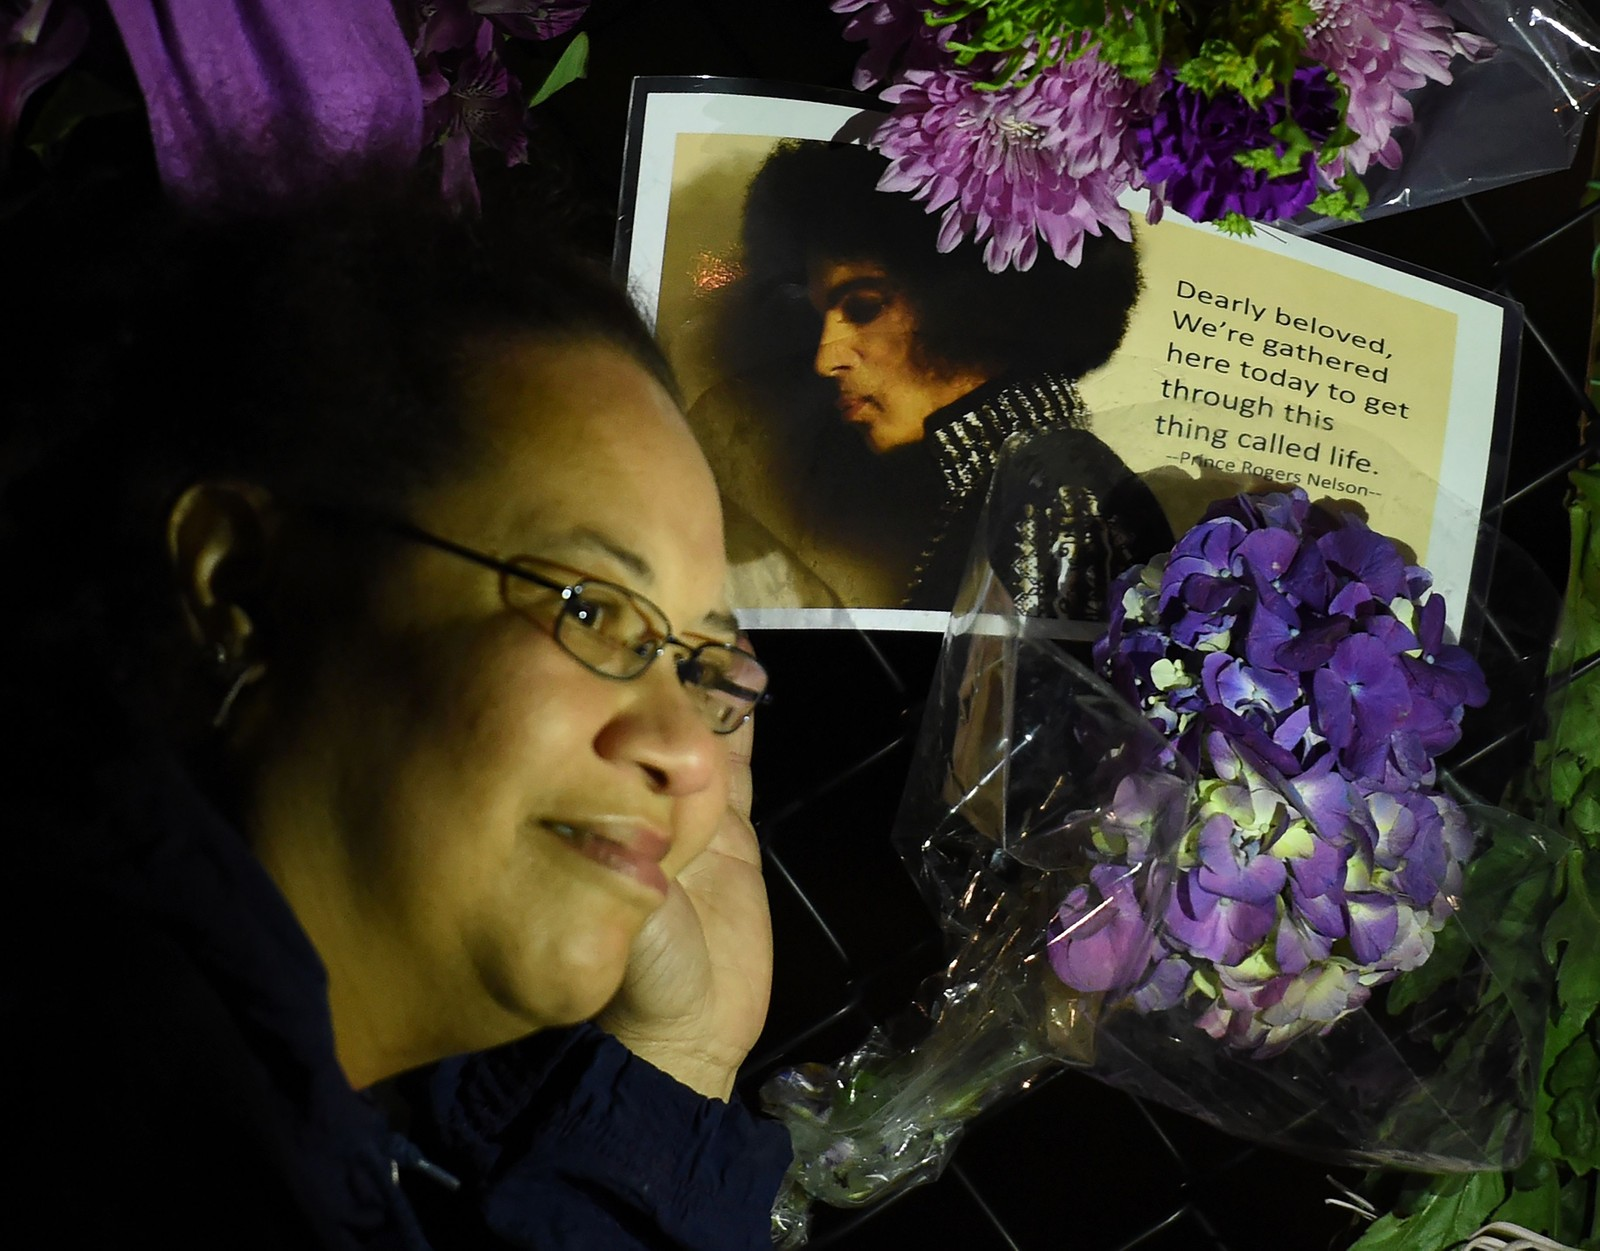 Fans viser sin respekt utenfor artisten Prince's hjem i Minneapolis.